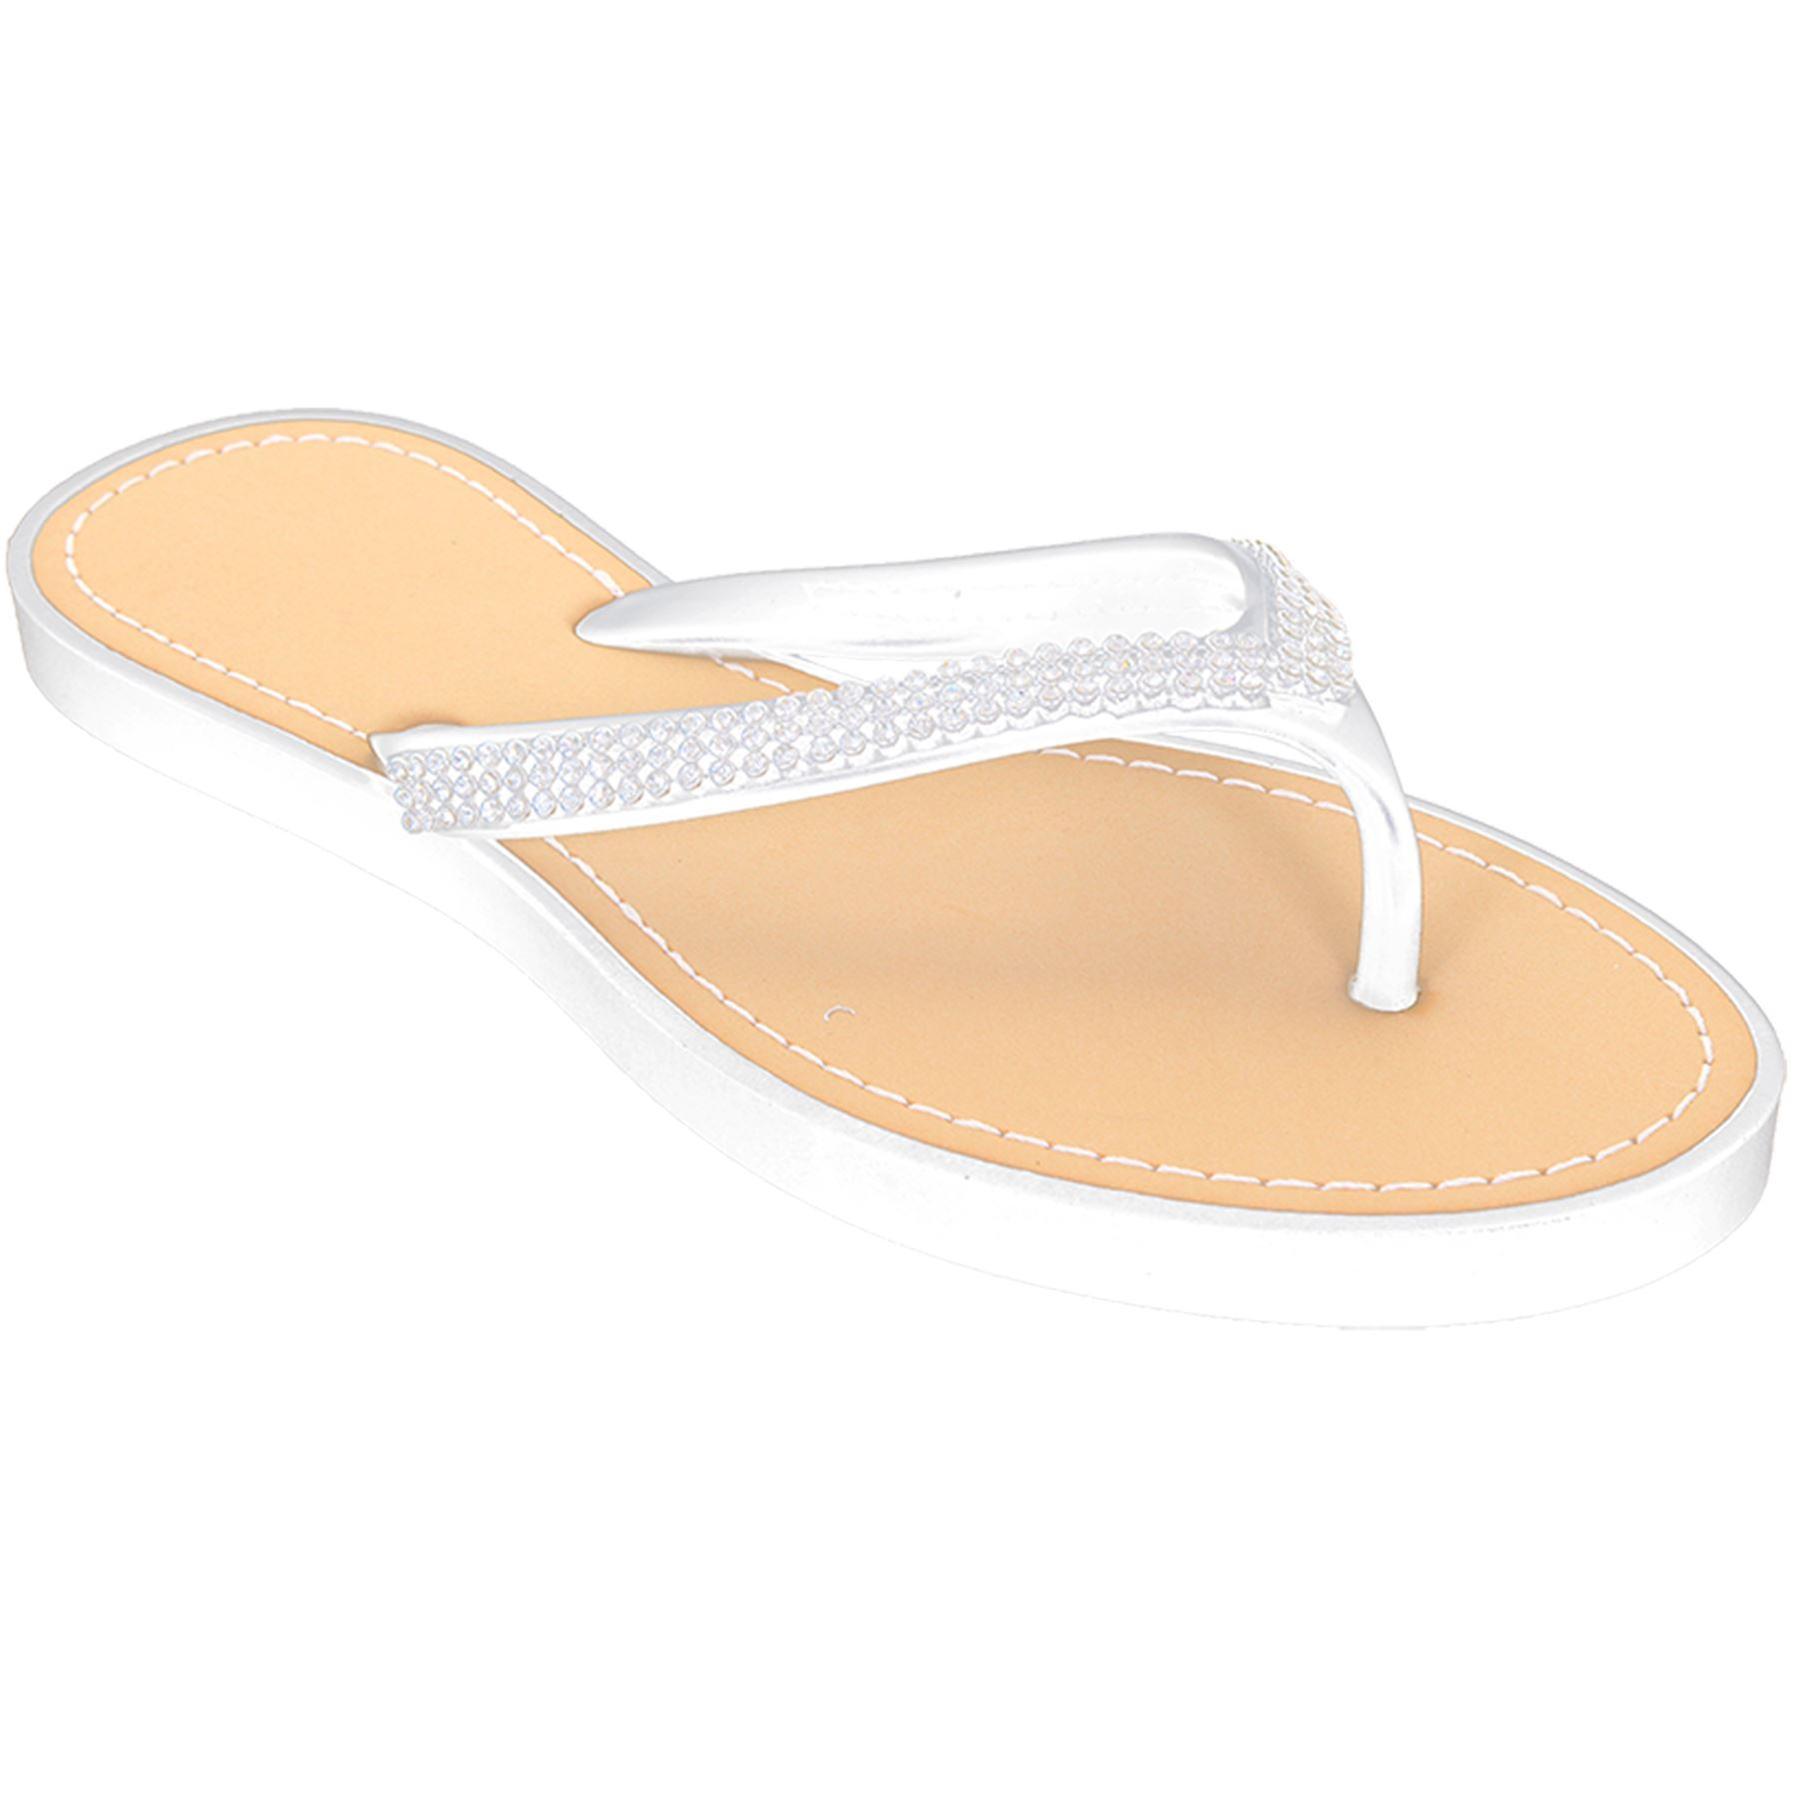 Ladies Comfy Diamante Thong Sandals Women's Casual Summer Flip flop Shoes